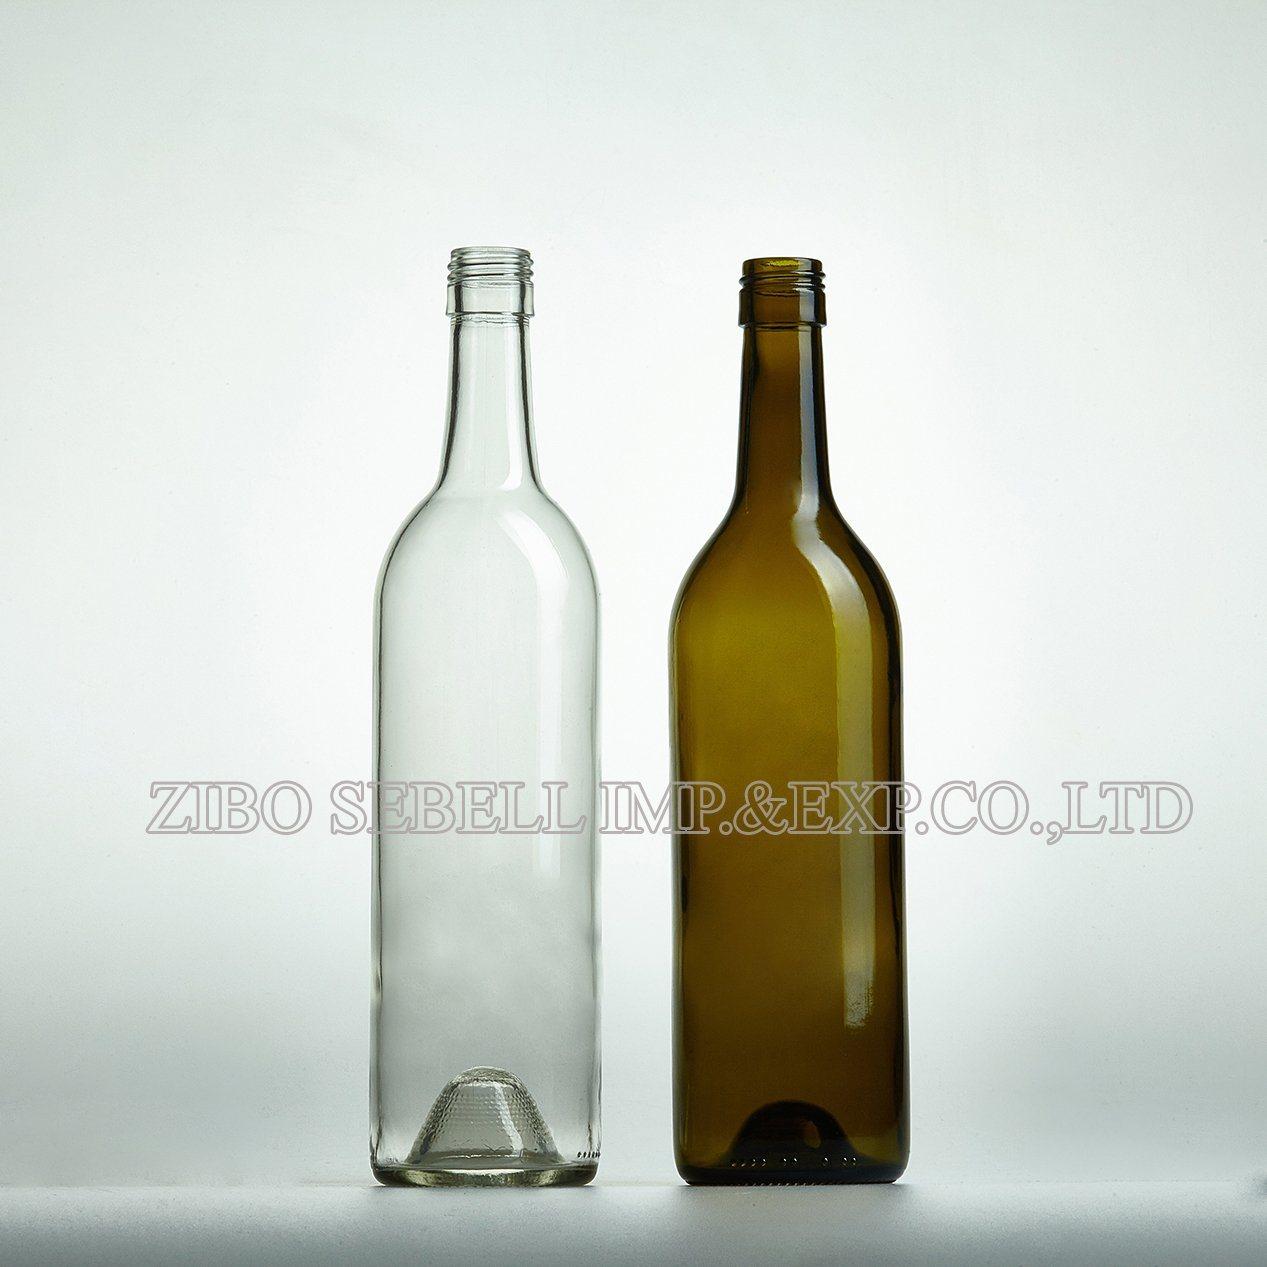 0.75LTR Bvs Closure Glass Wine Bottle Bordeaux Bottle